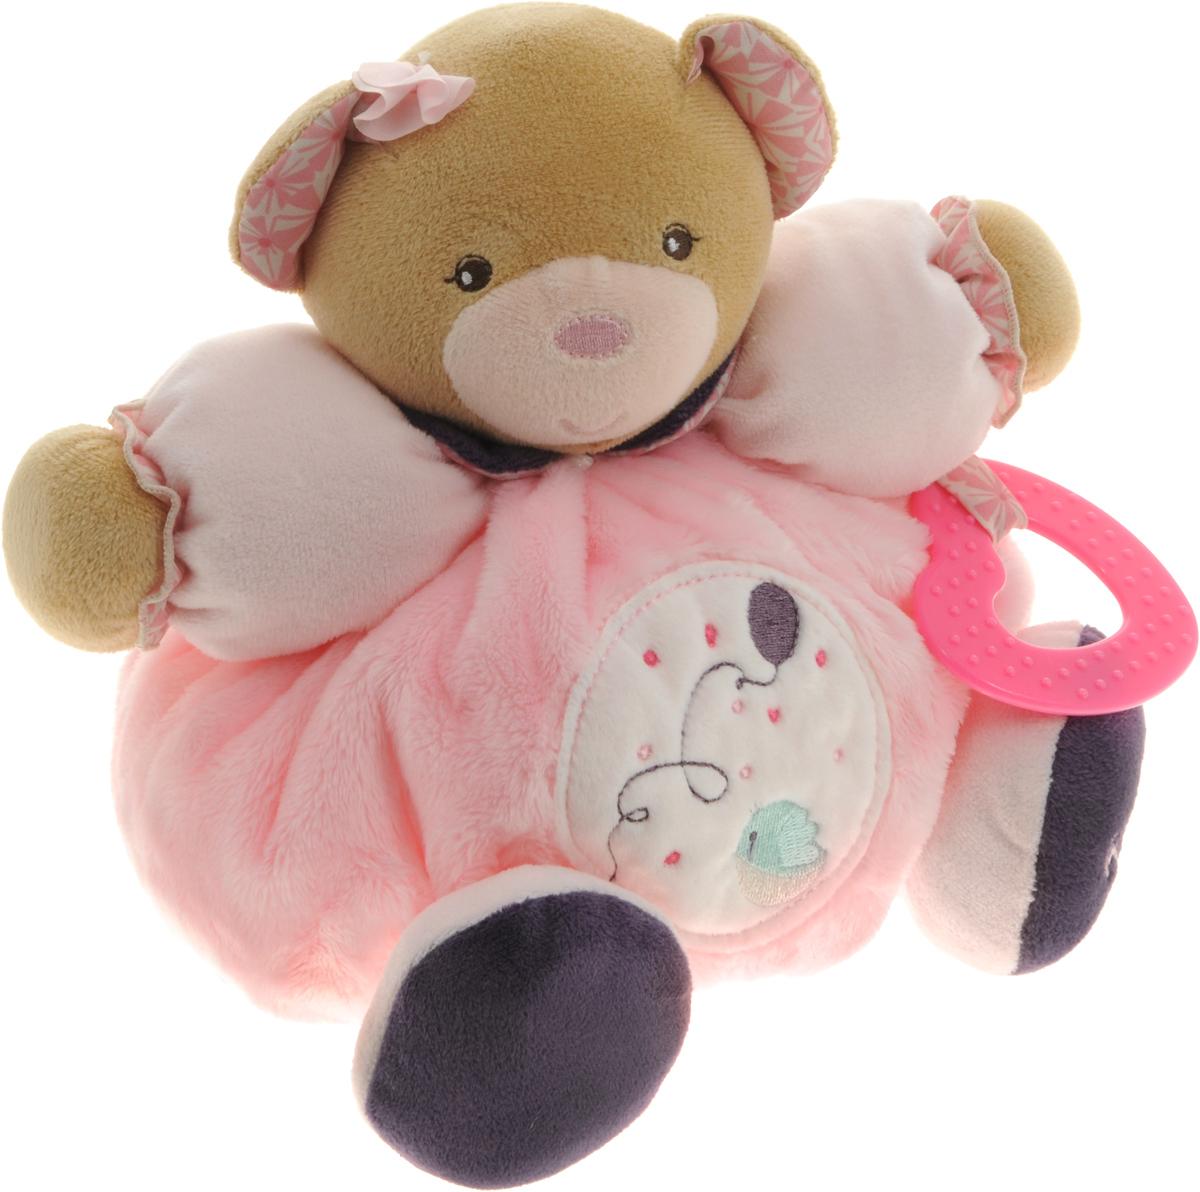 Kaloo Мягкая игрушка Мишка Воздушный шарик 19 см мягкие игрушки kaloo овечка 45 см коллекция друзья